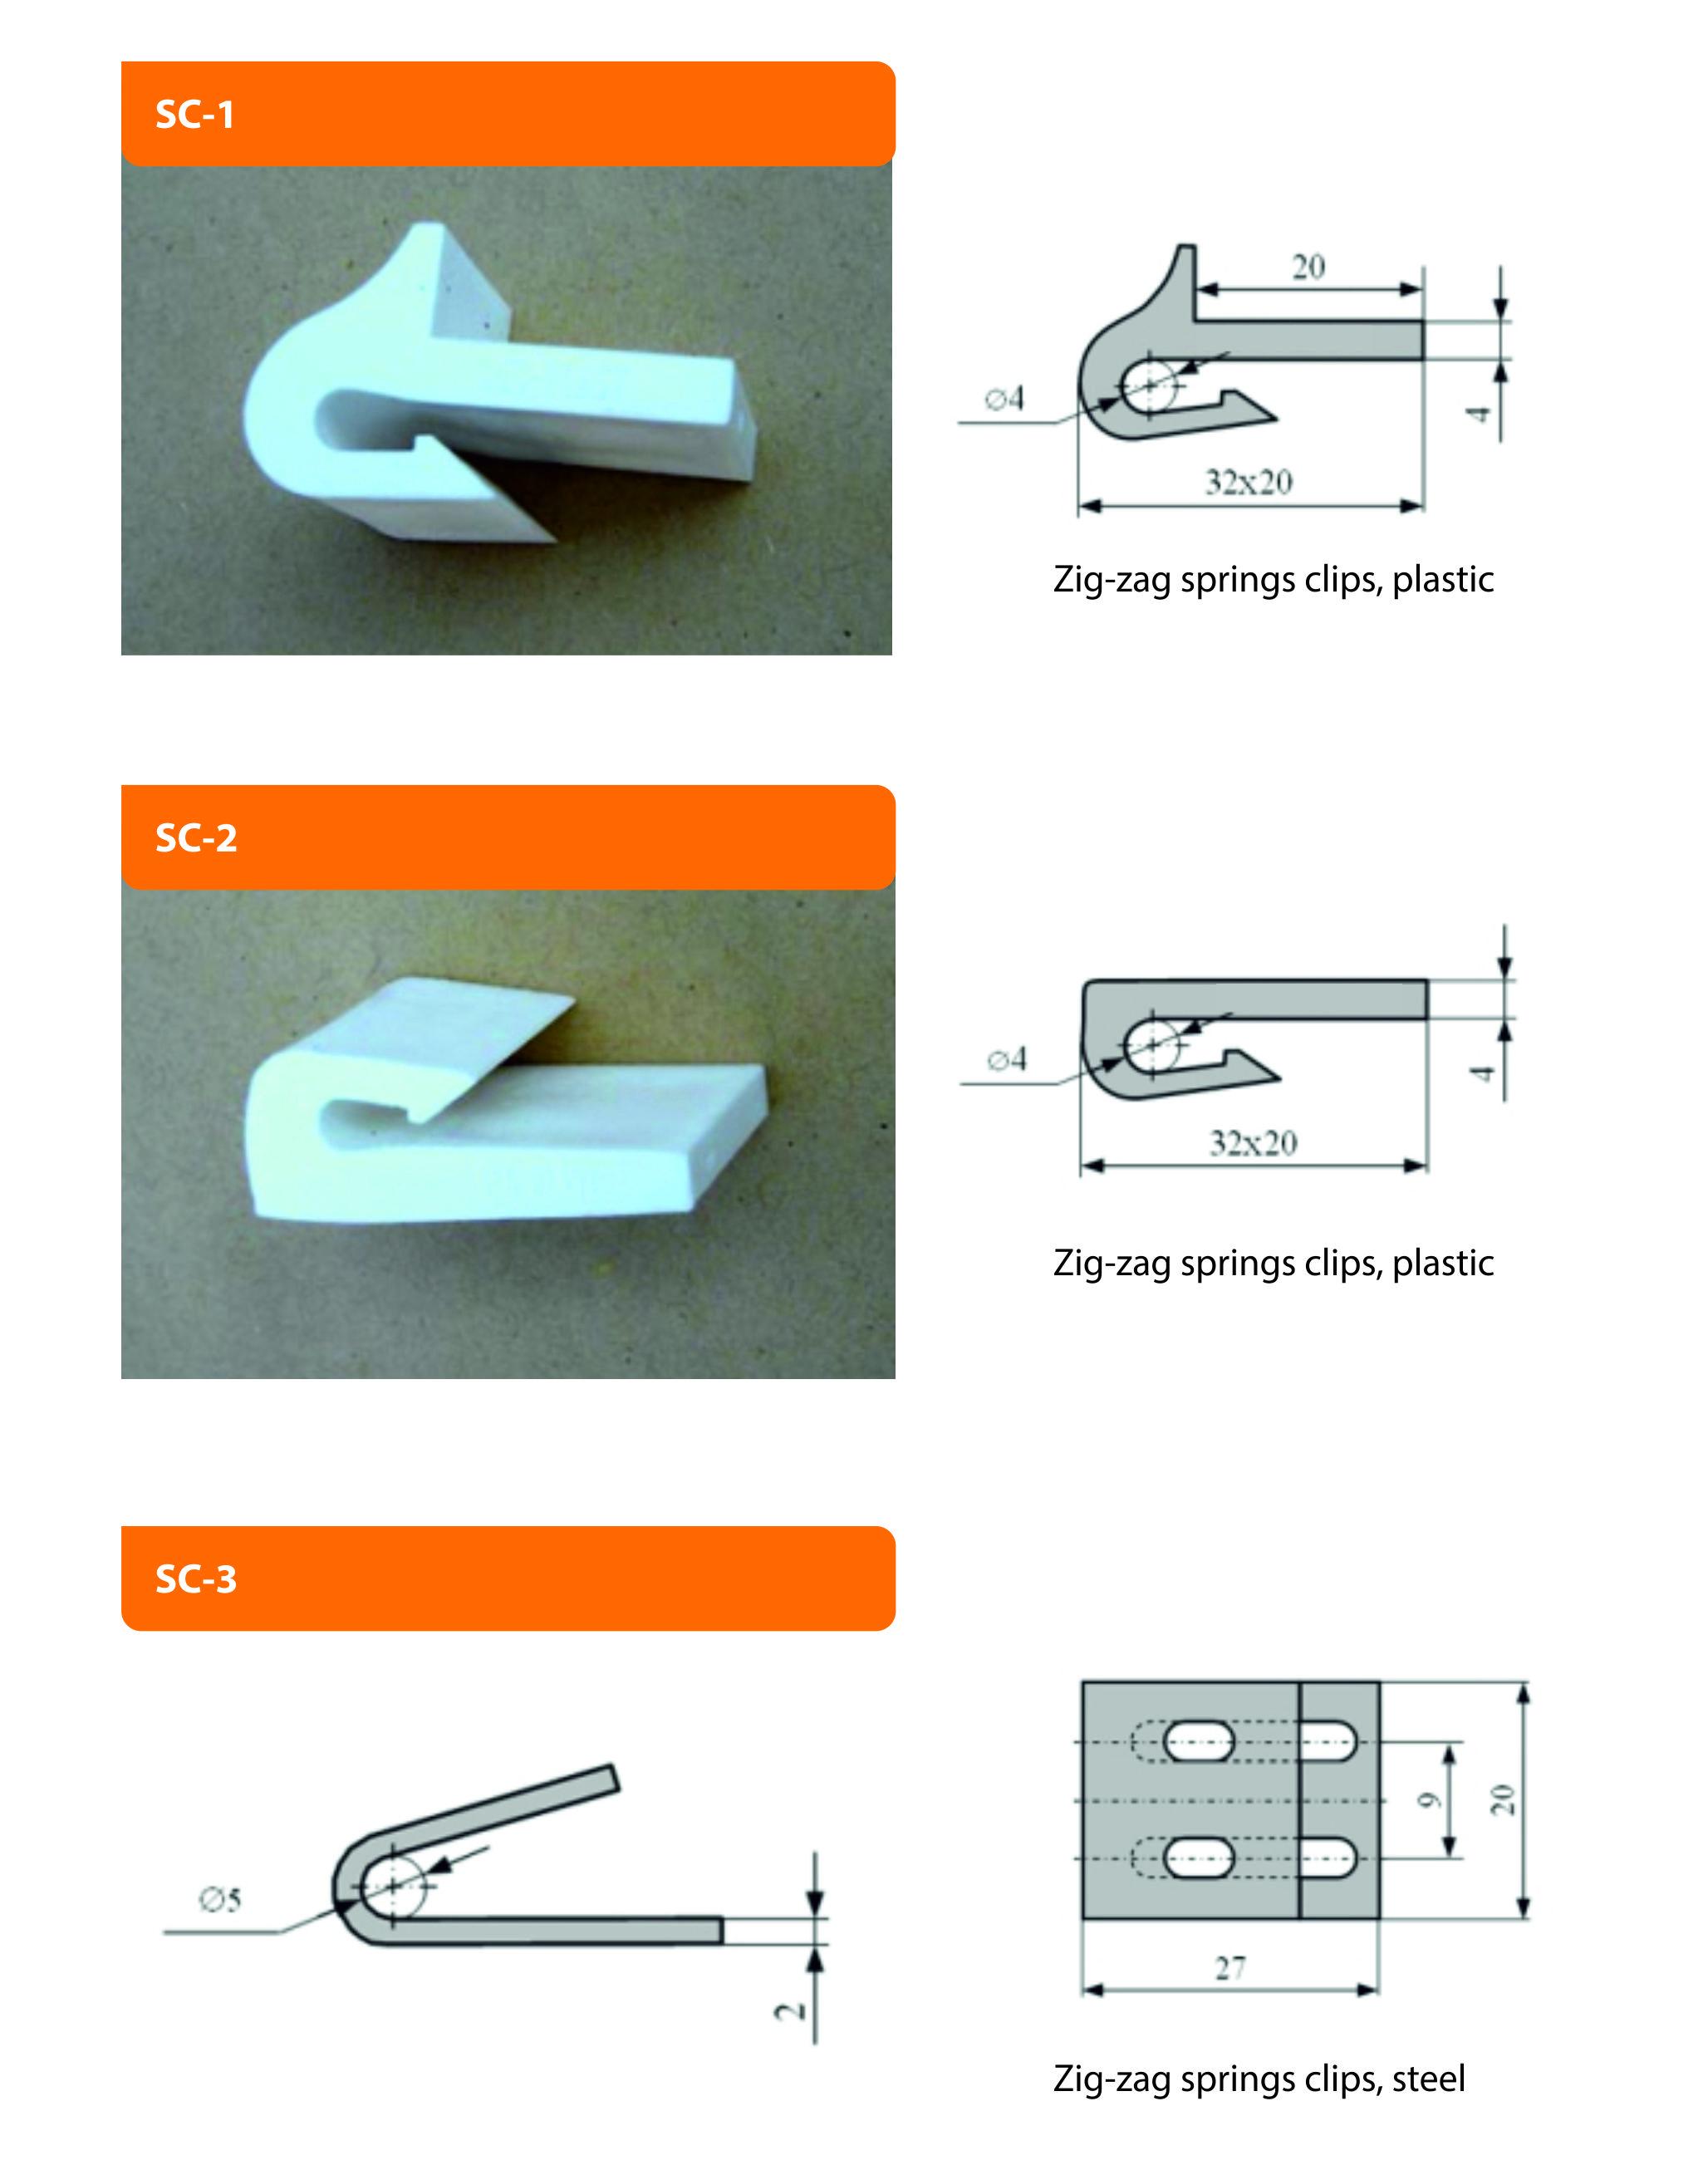 zig-zag springs clips